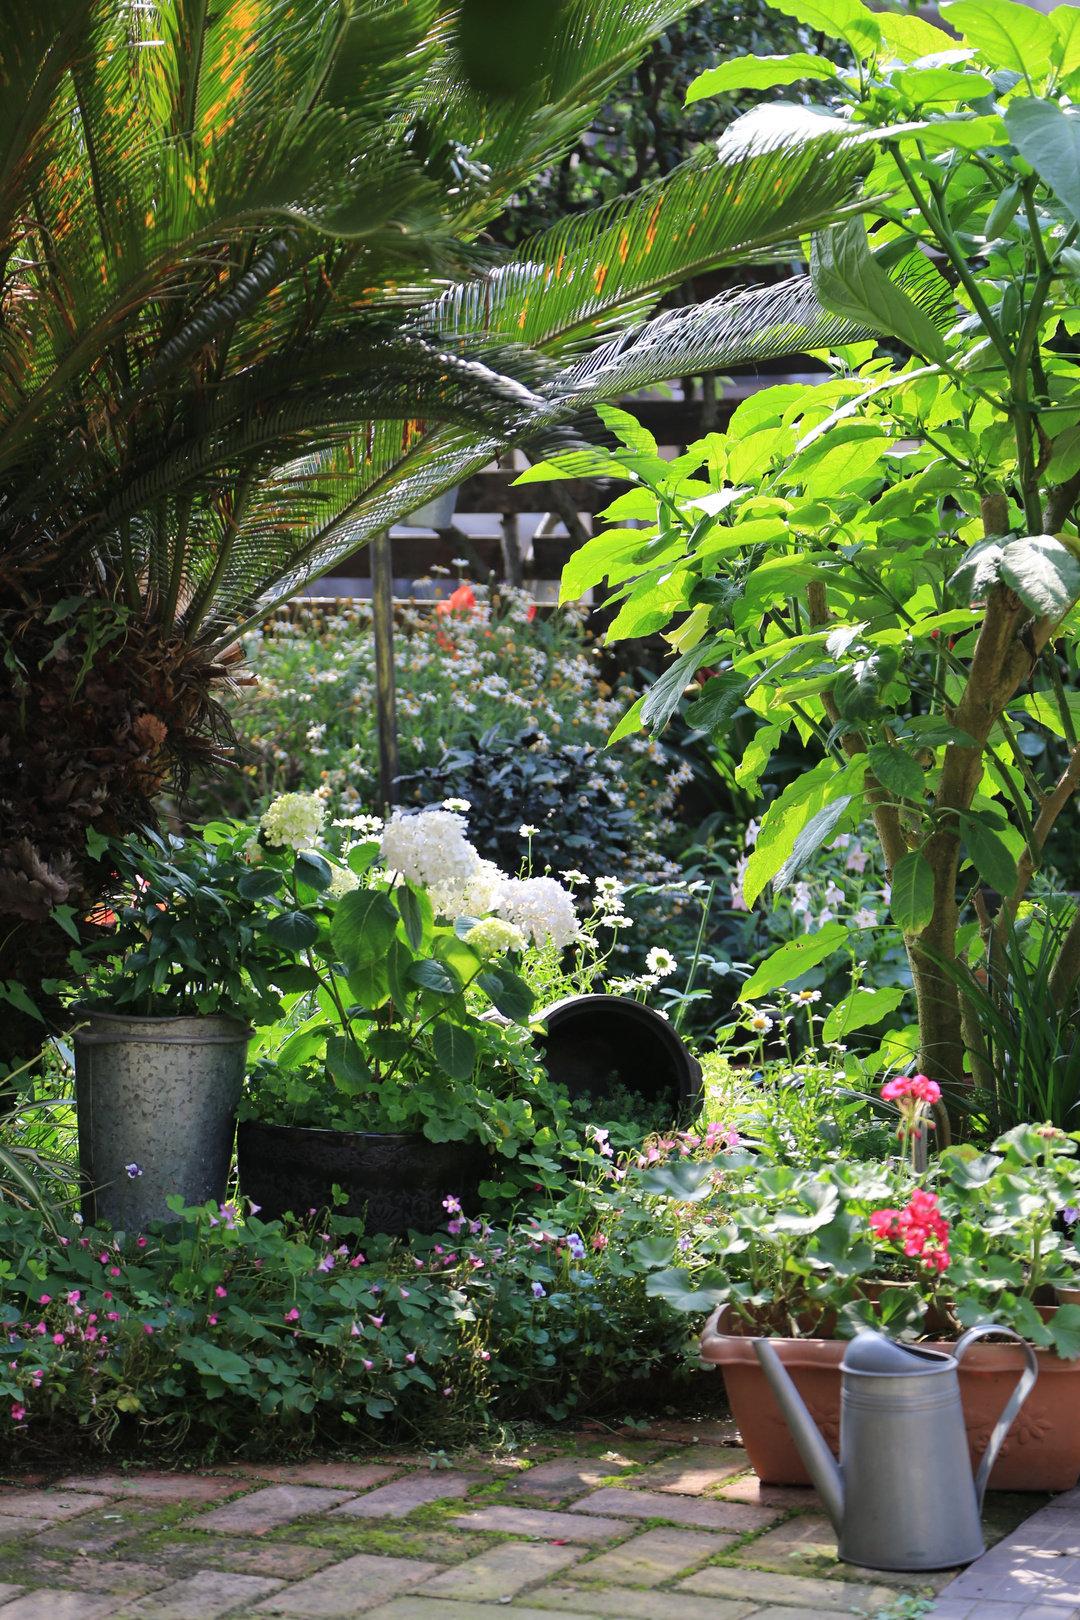 Khu vườn quanh năm chỉ có mùa xuân với hoa nở tưng bừng của cô giáo dạy Toán-10